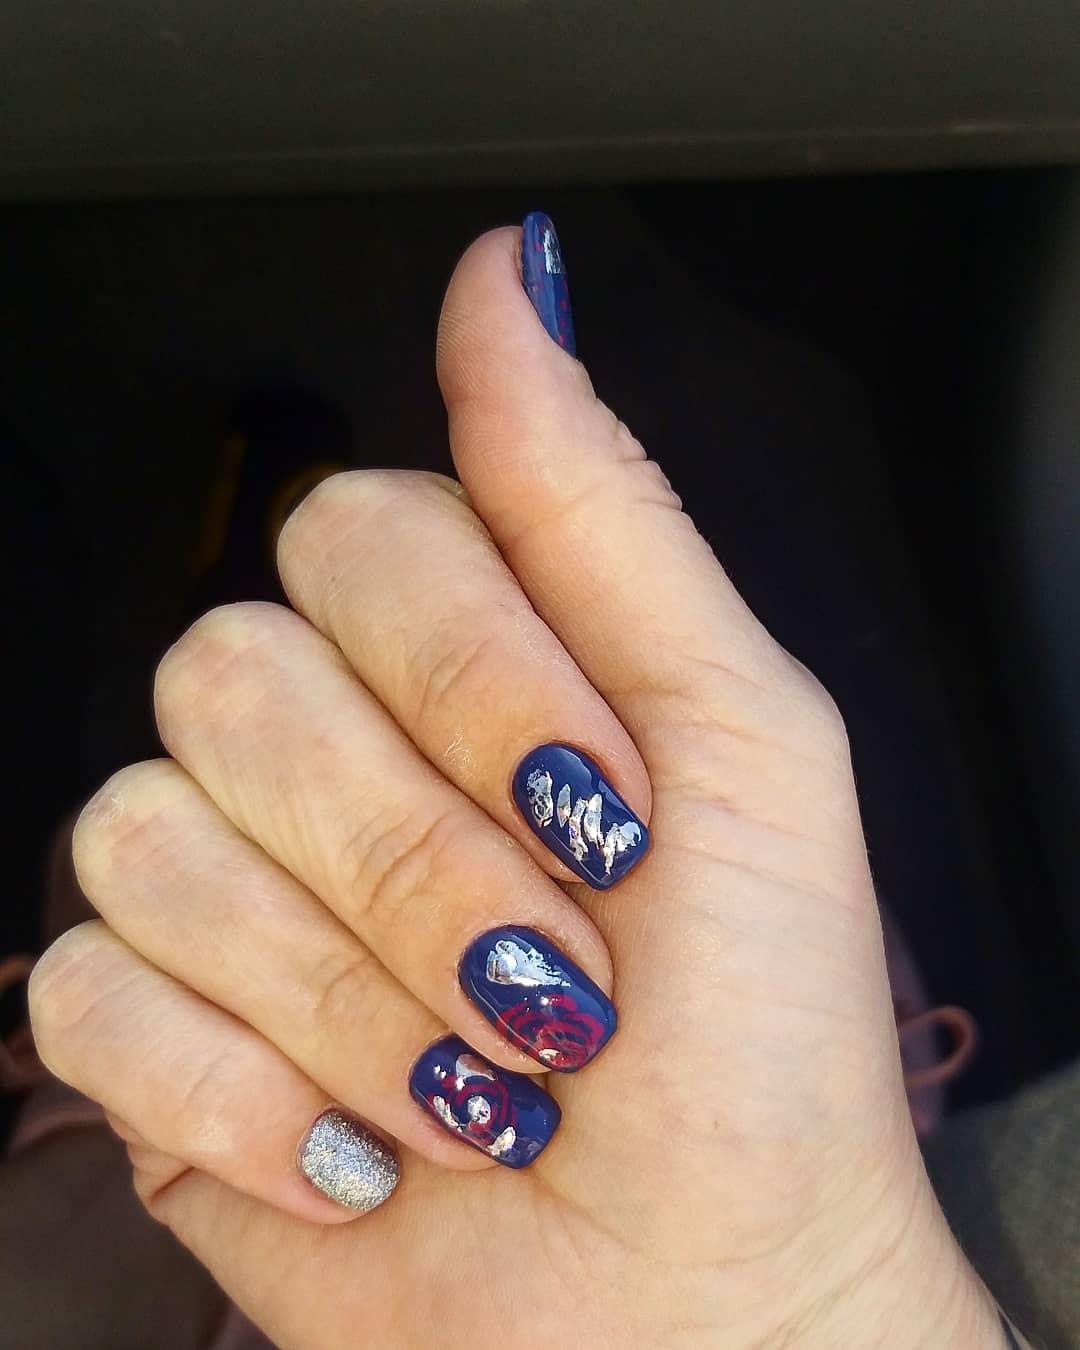 Маникюр в синем цвете с абстрактным рисунком и серебряными блёстками.